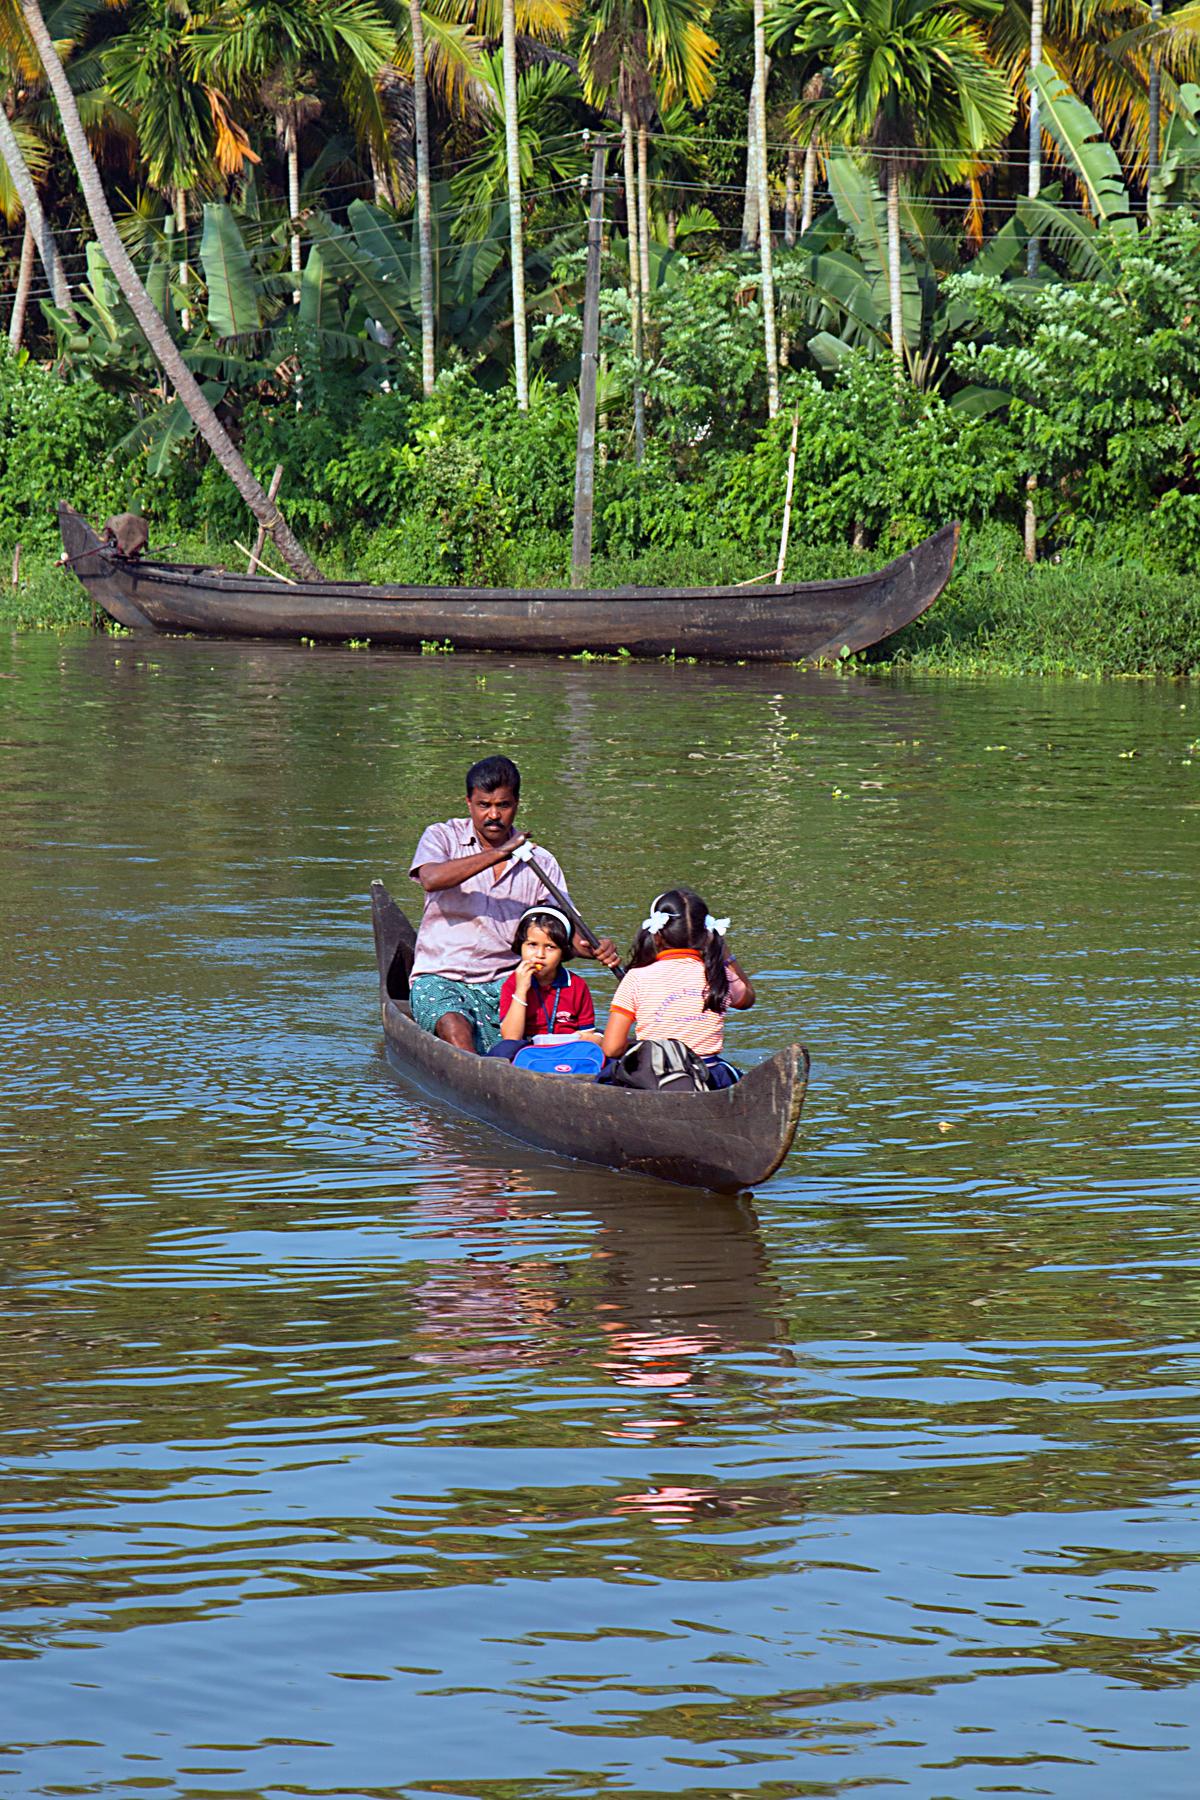 INDIEN Menschen Leben am Fluss FINEST-onTour 8488.jpg